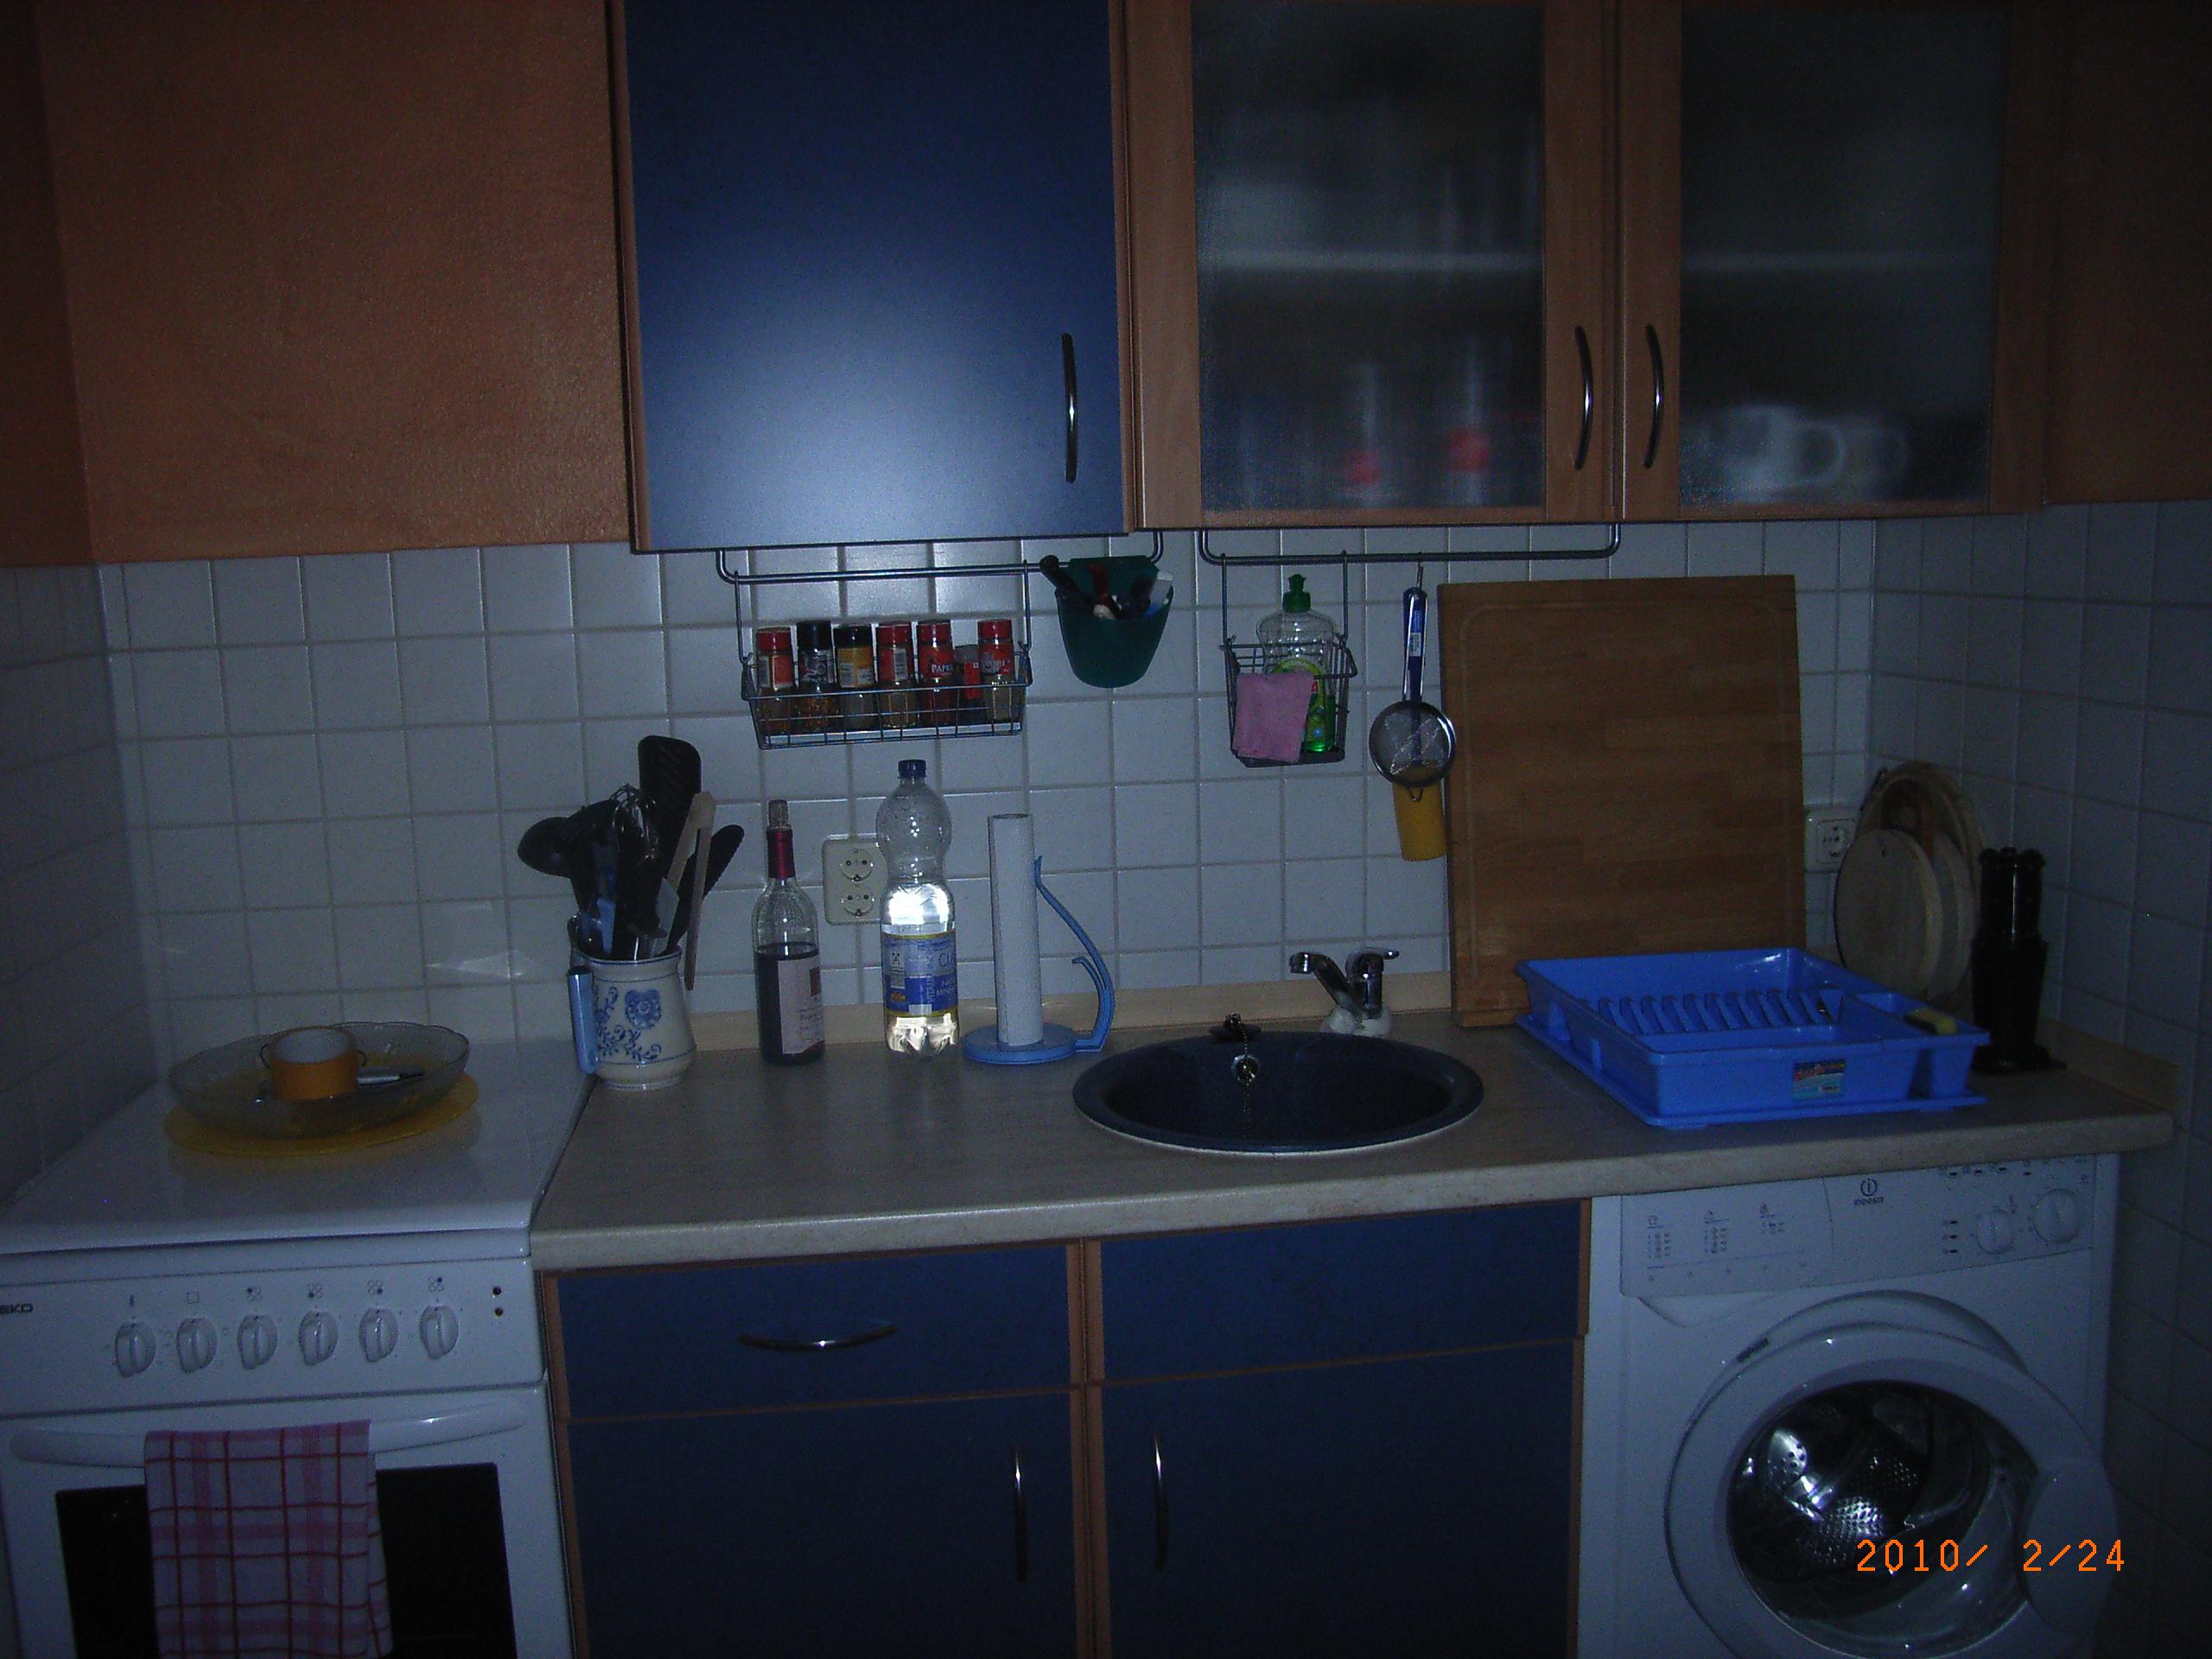 Möbel und Haushalt Kleinanzeigen in Schillingstedt